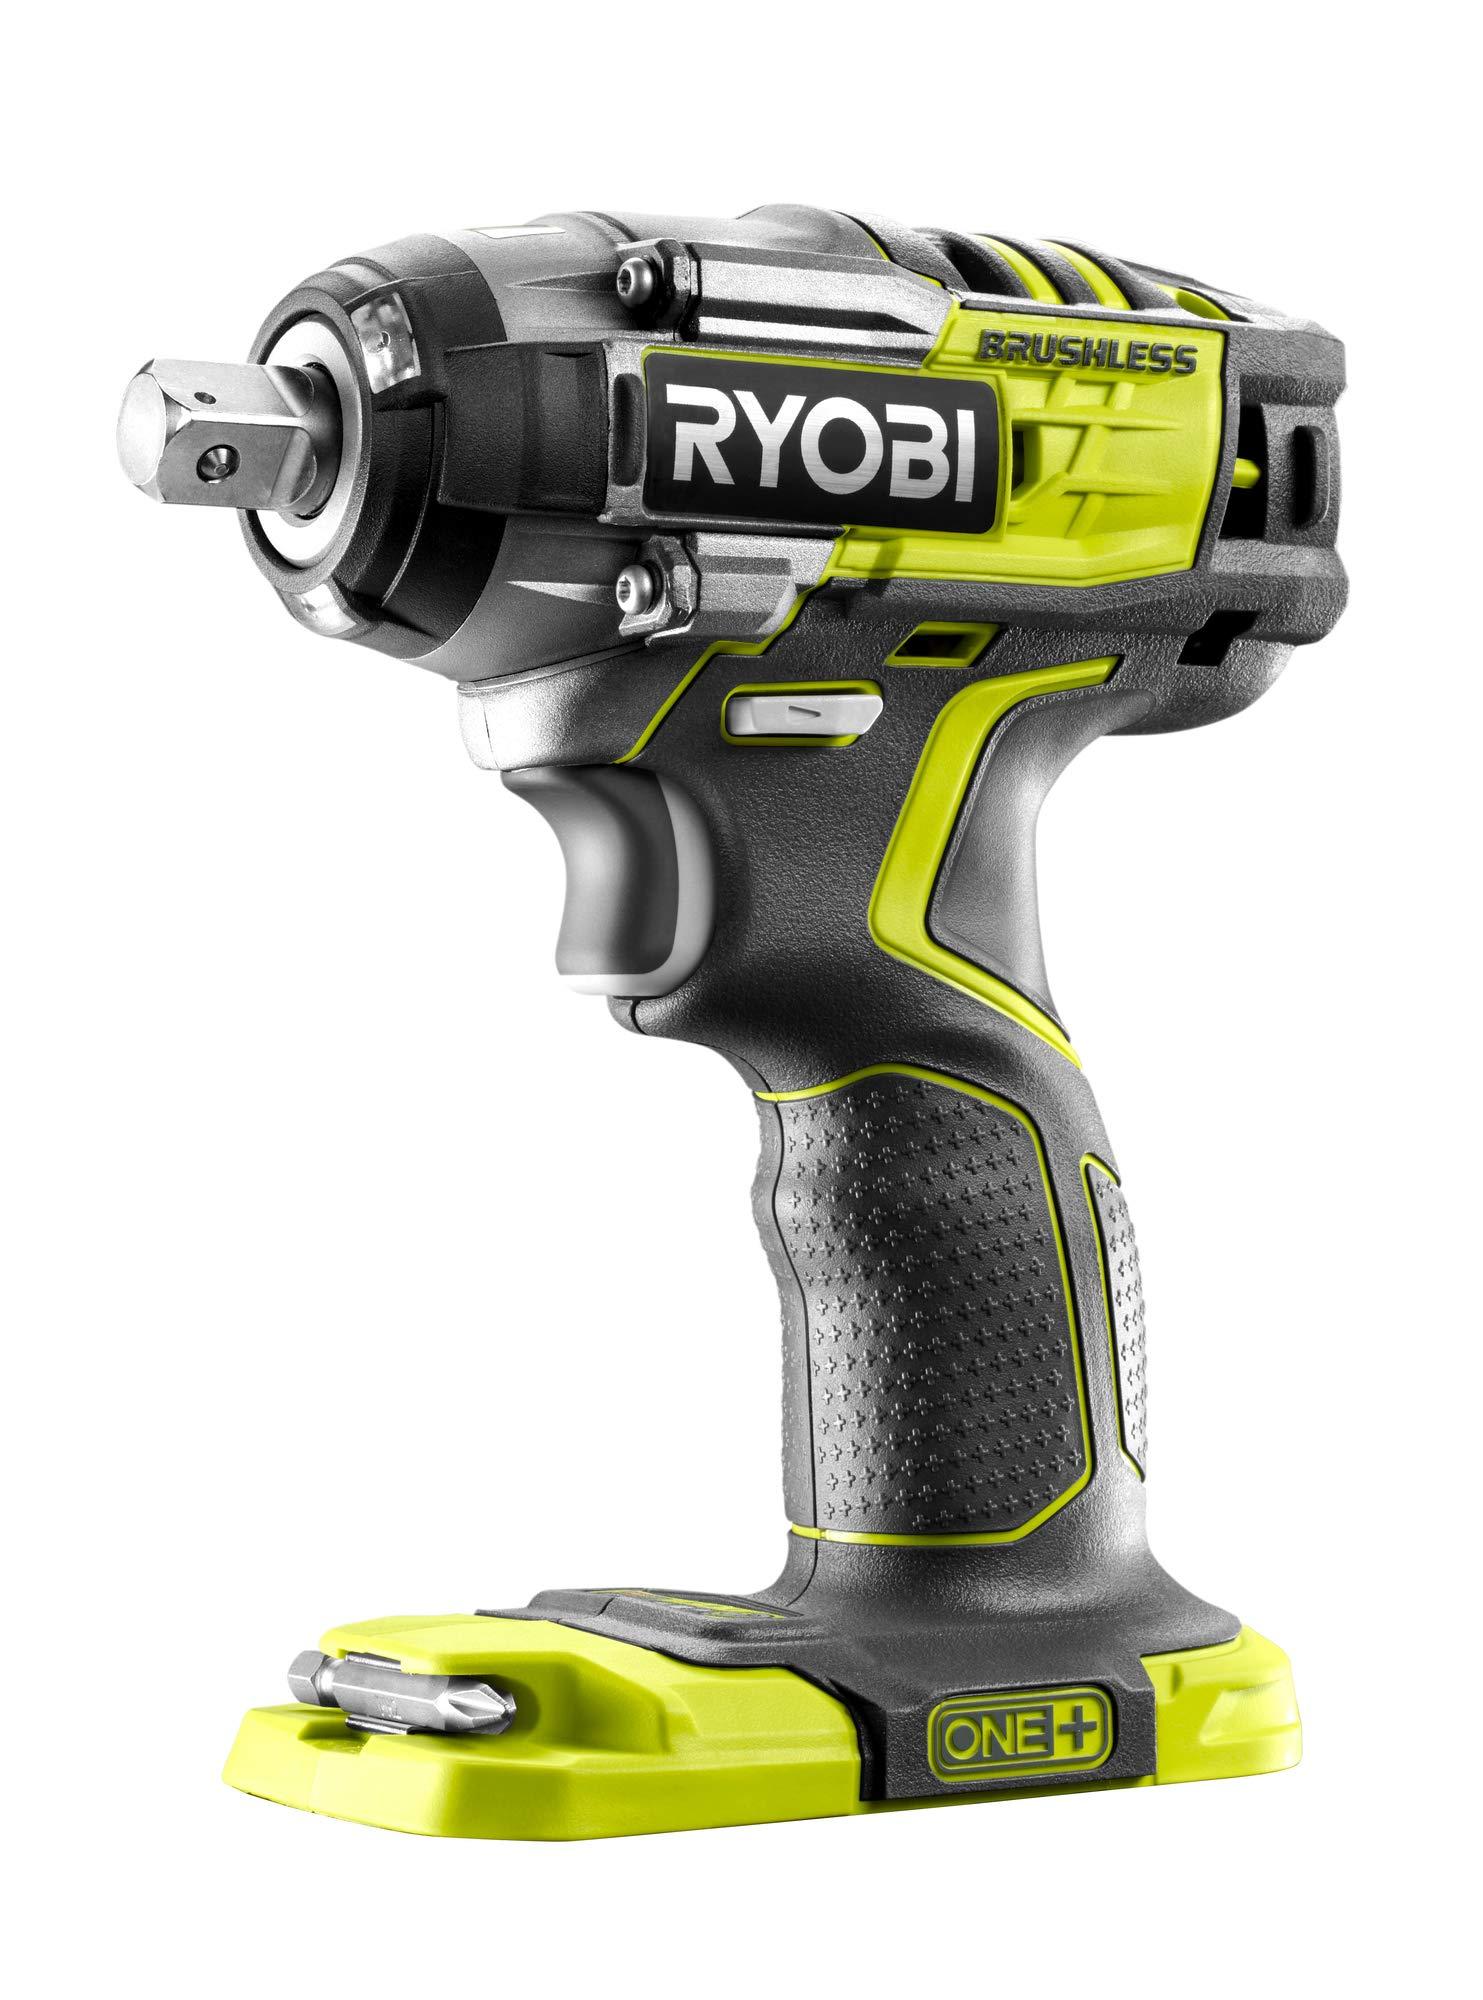 18V Body Only Ryobi One Impact Driver